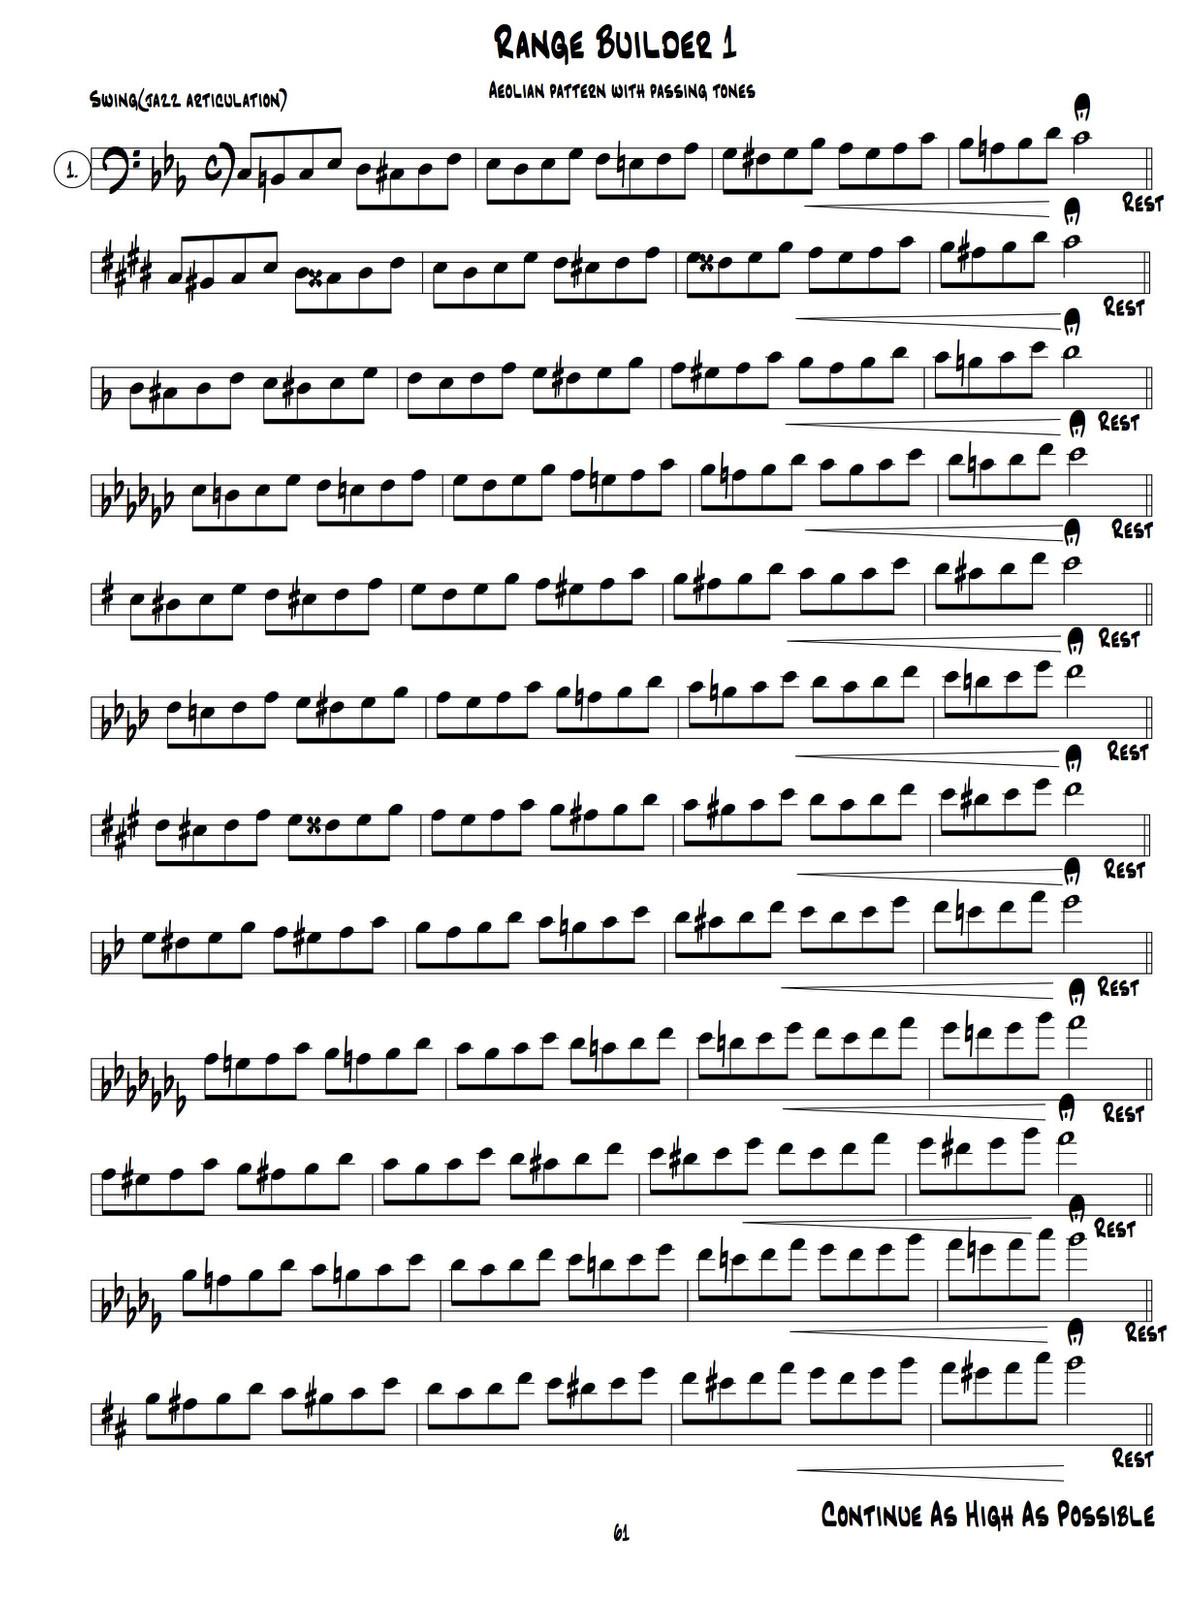 Bolvin, The Modern Jazz Method For Trombone 5